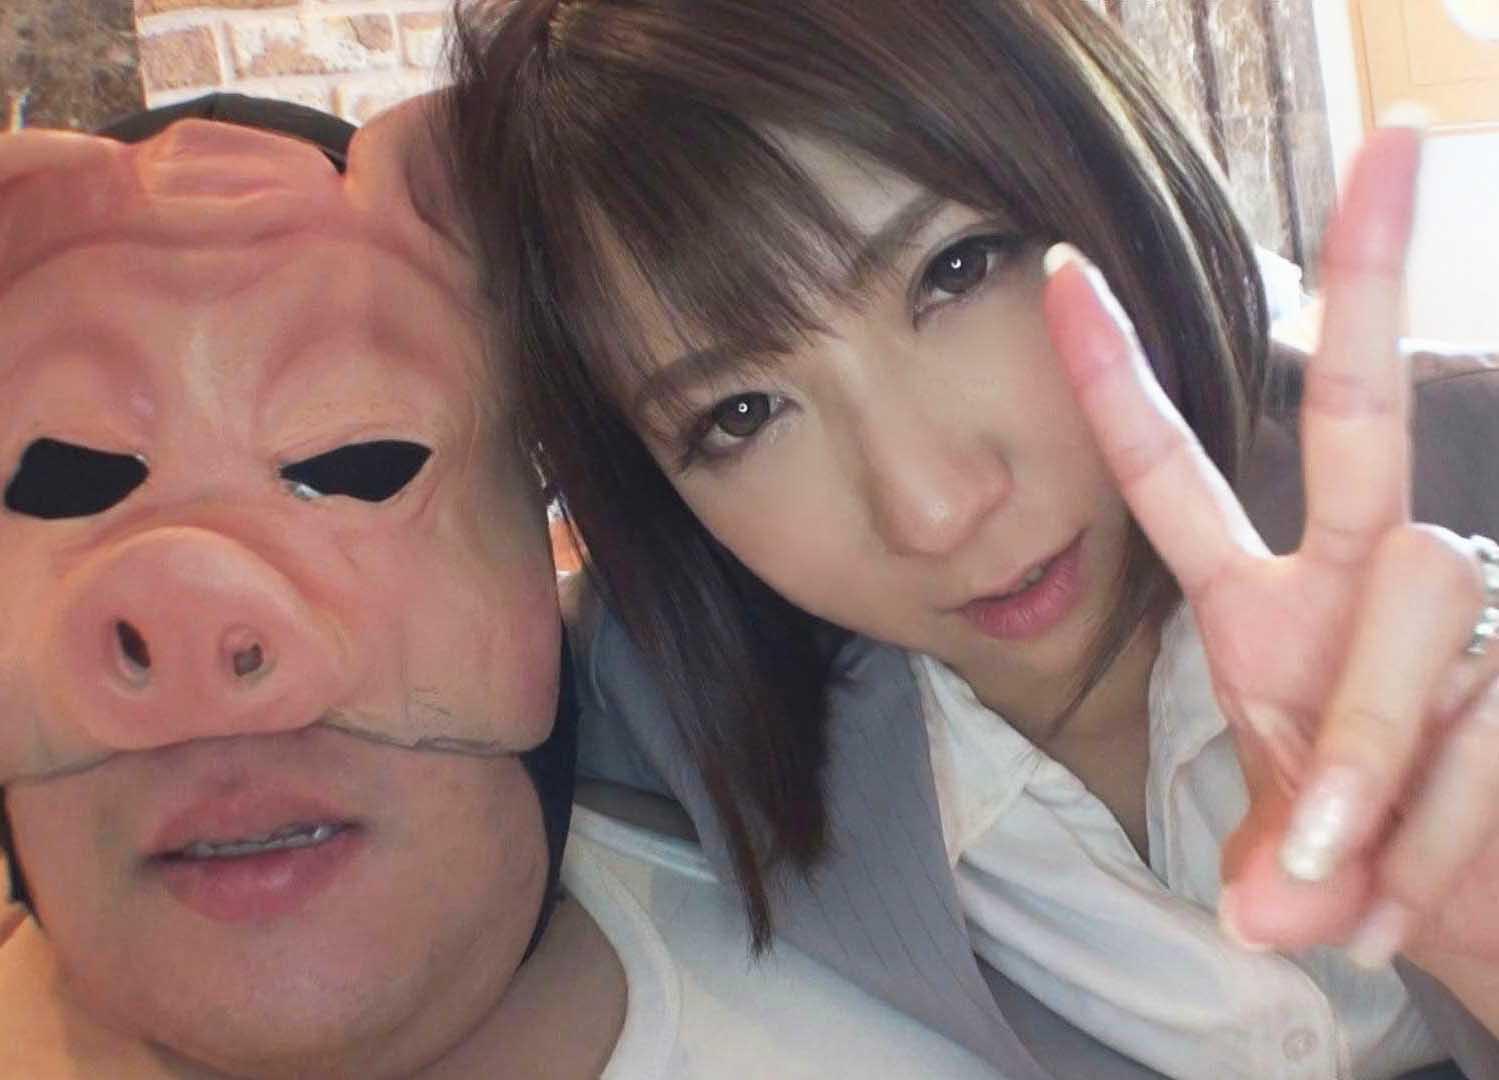 【個撮¥キモ男】クレシマレイカ(NTR妻)【1】インテリ女上司と底辺ブタSEX_FC2版【107分】